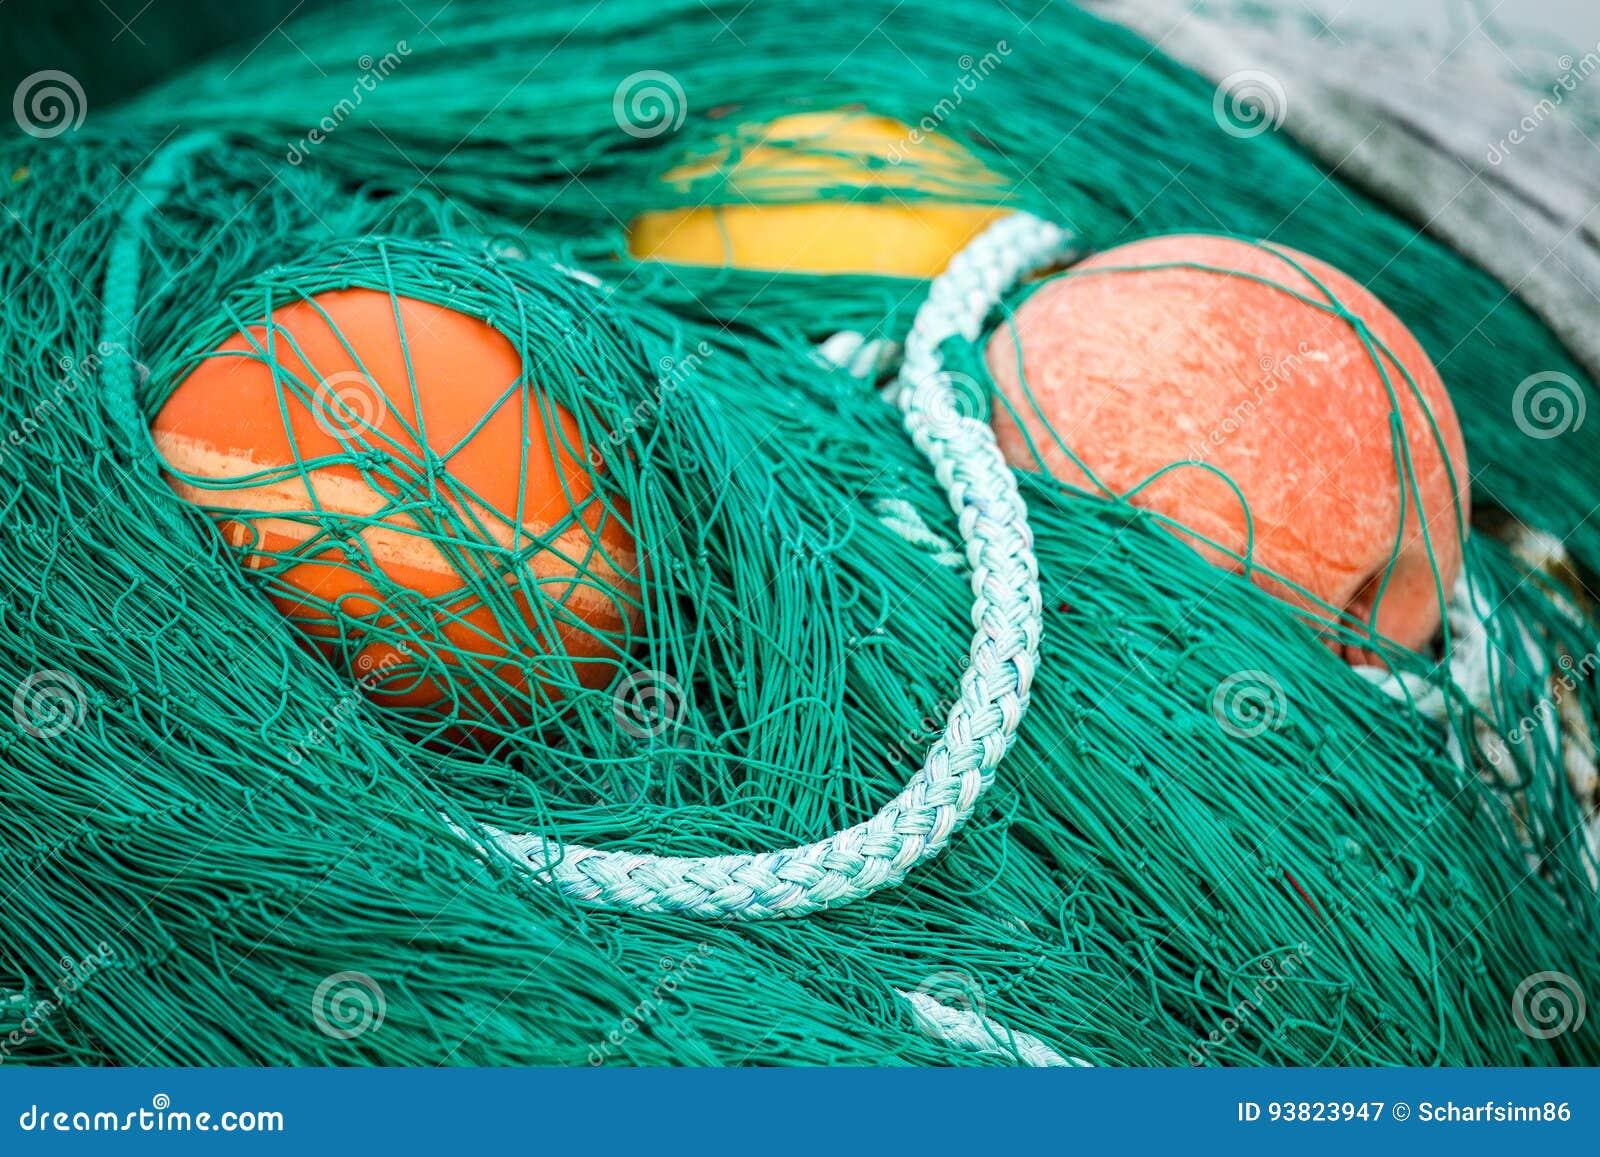 Δίχτια του ψαρέματος και επιπλέοντα σώματα